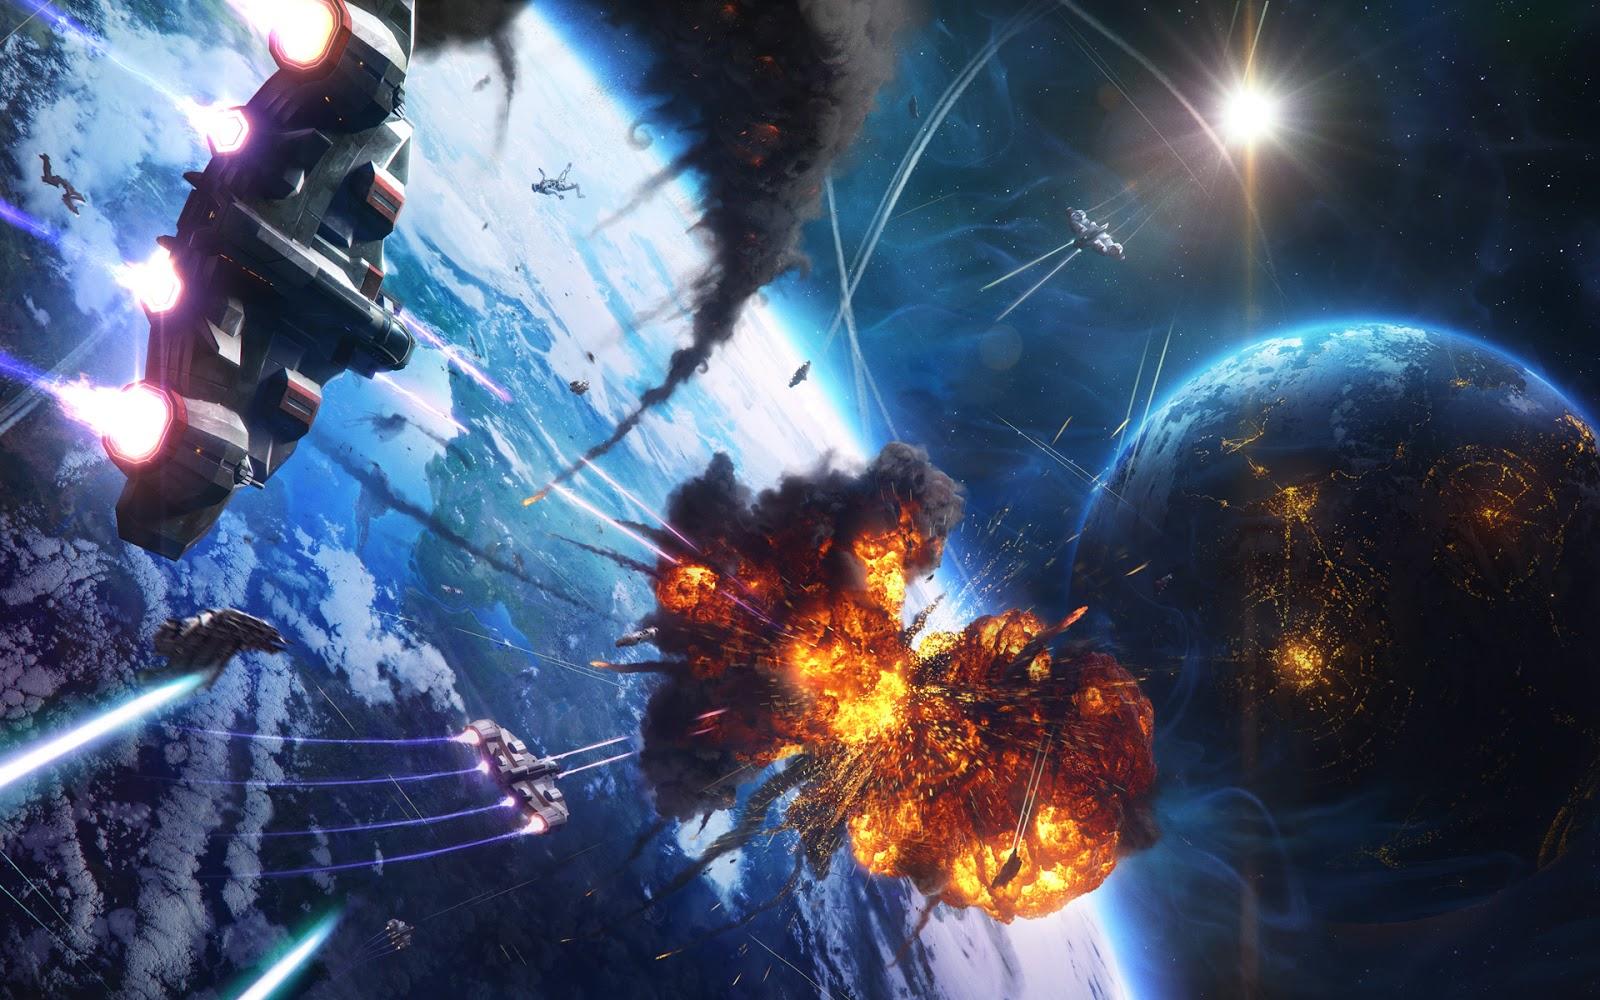 Αποτέλεσμα εικόνας για Πύραυλο που καταστρέφει δορυφόρους